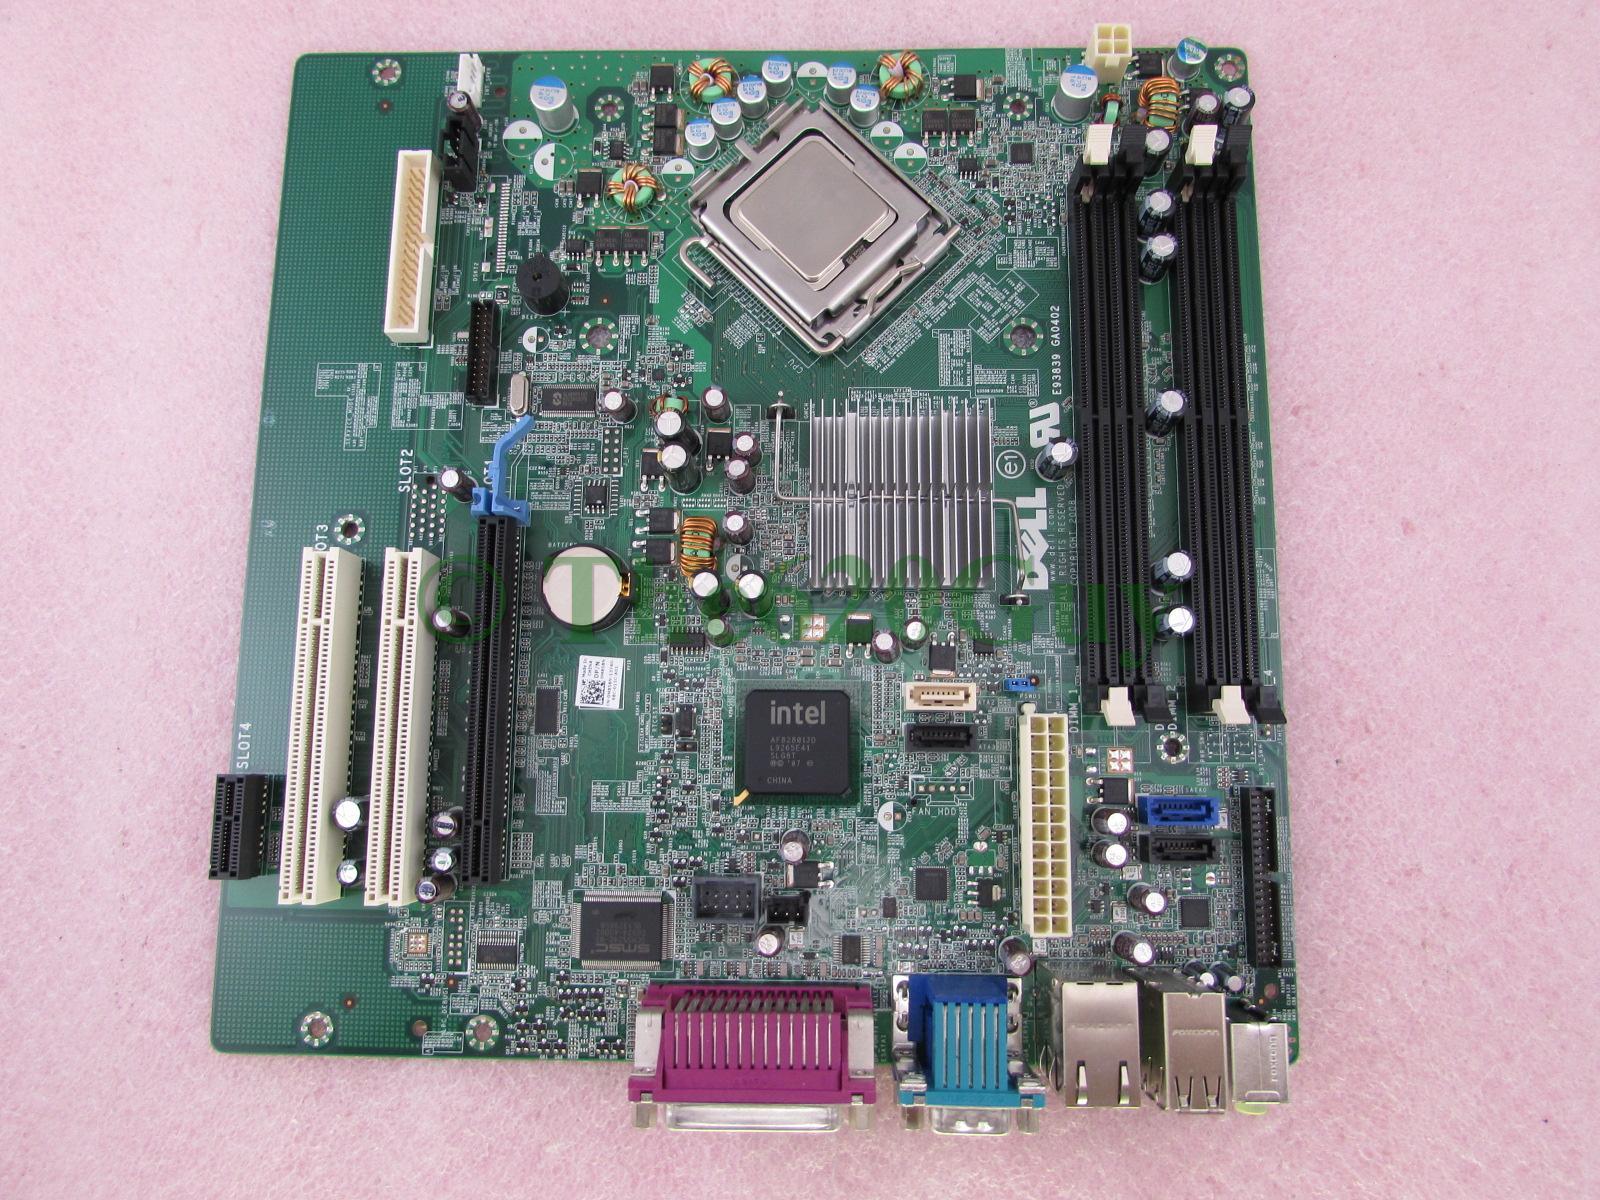 Dell optiplex 760 ram slots - Eventos casino da povoa de varzim